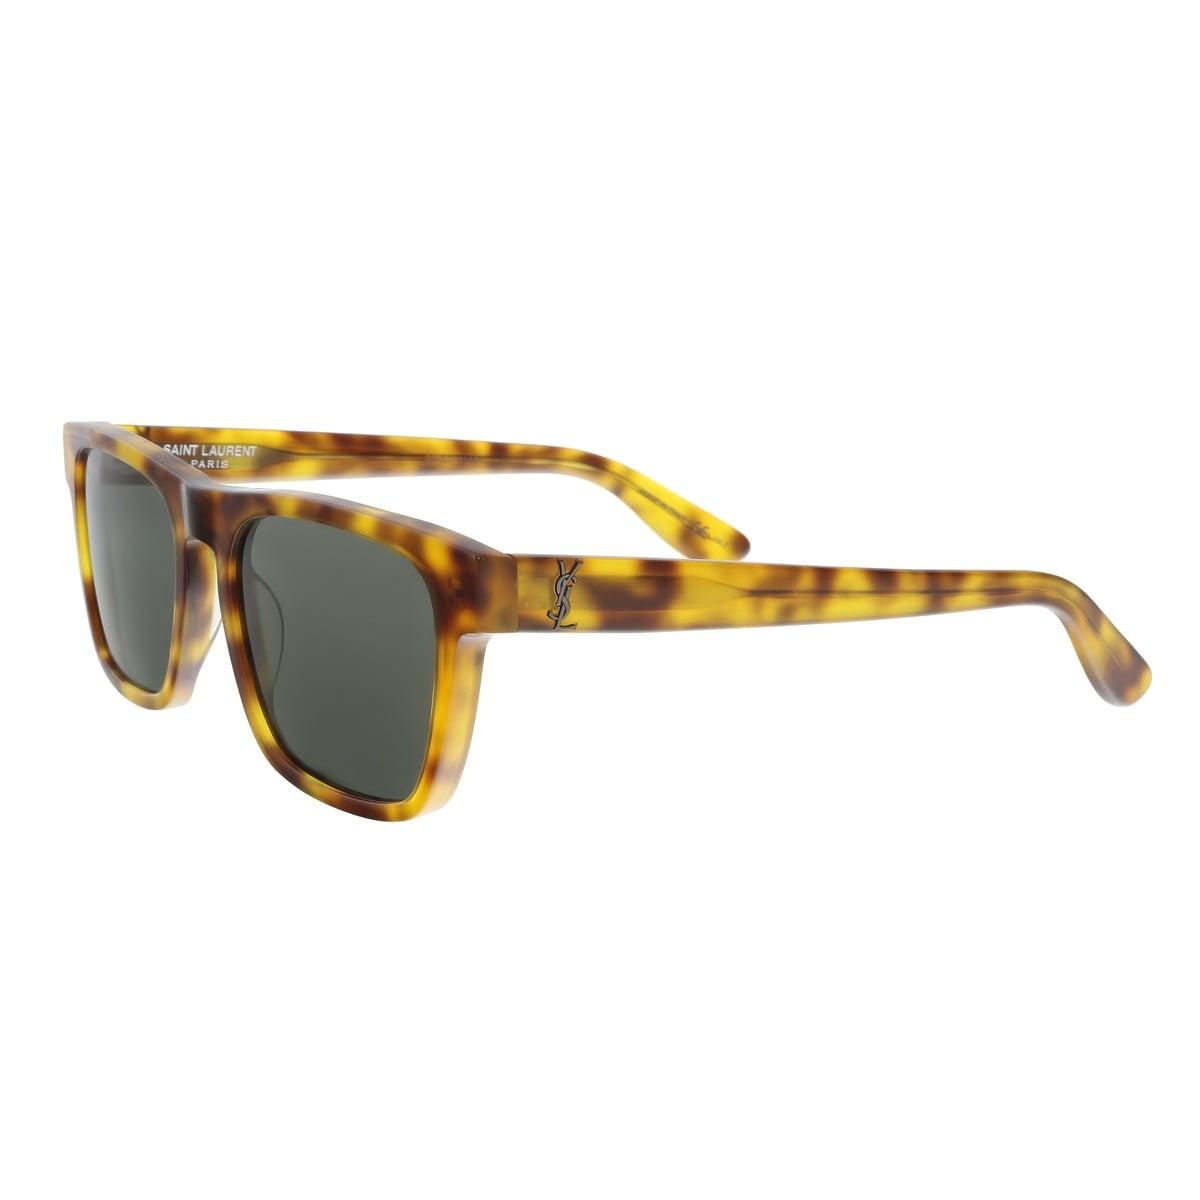 1cf4365f1c Saint Laurent Sunglasses